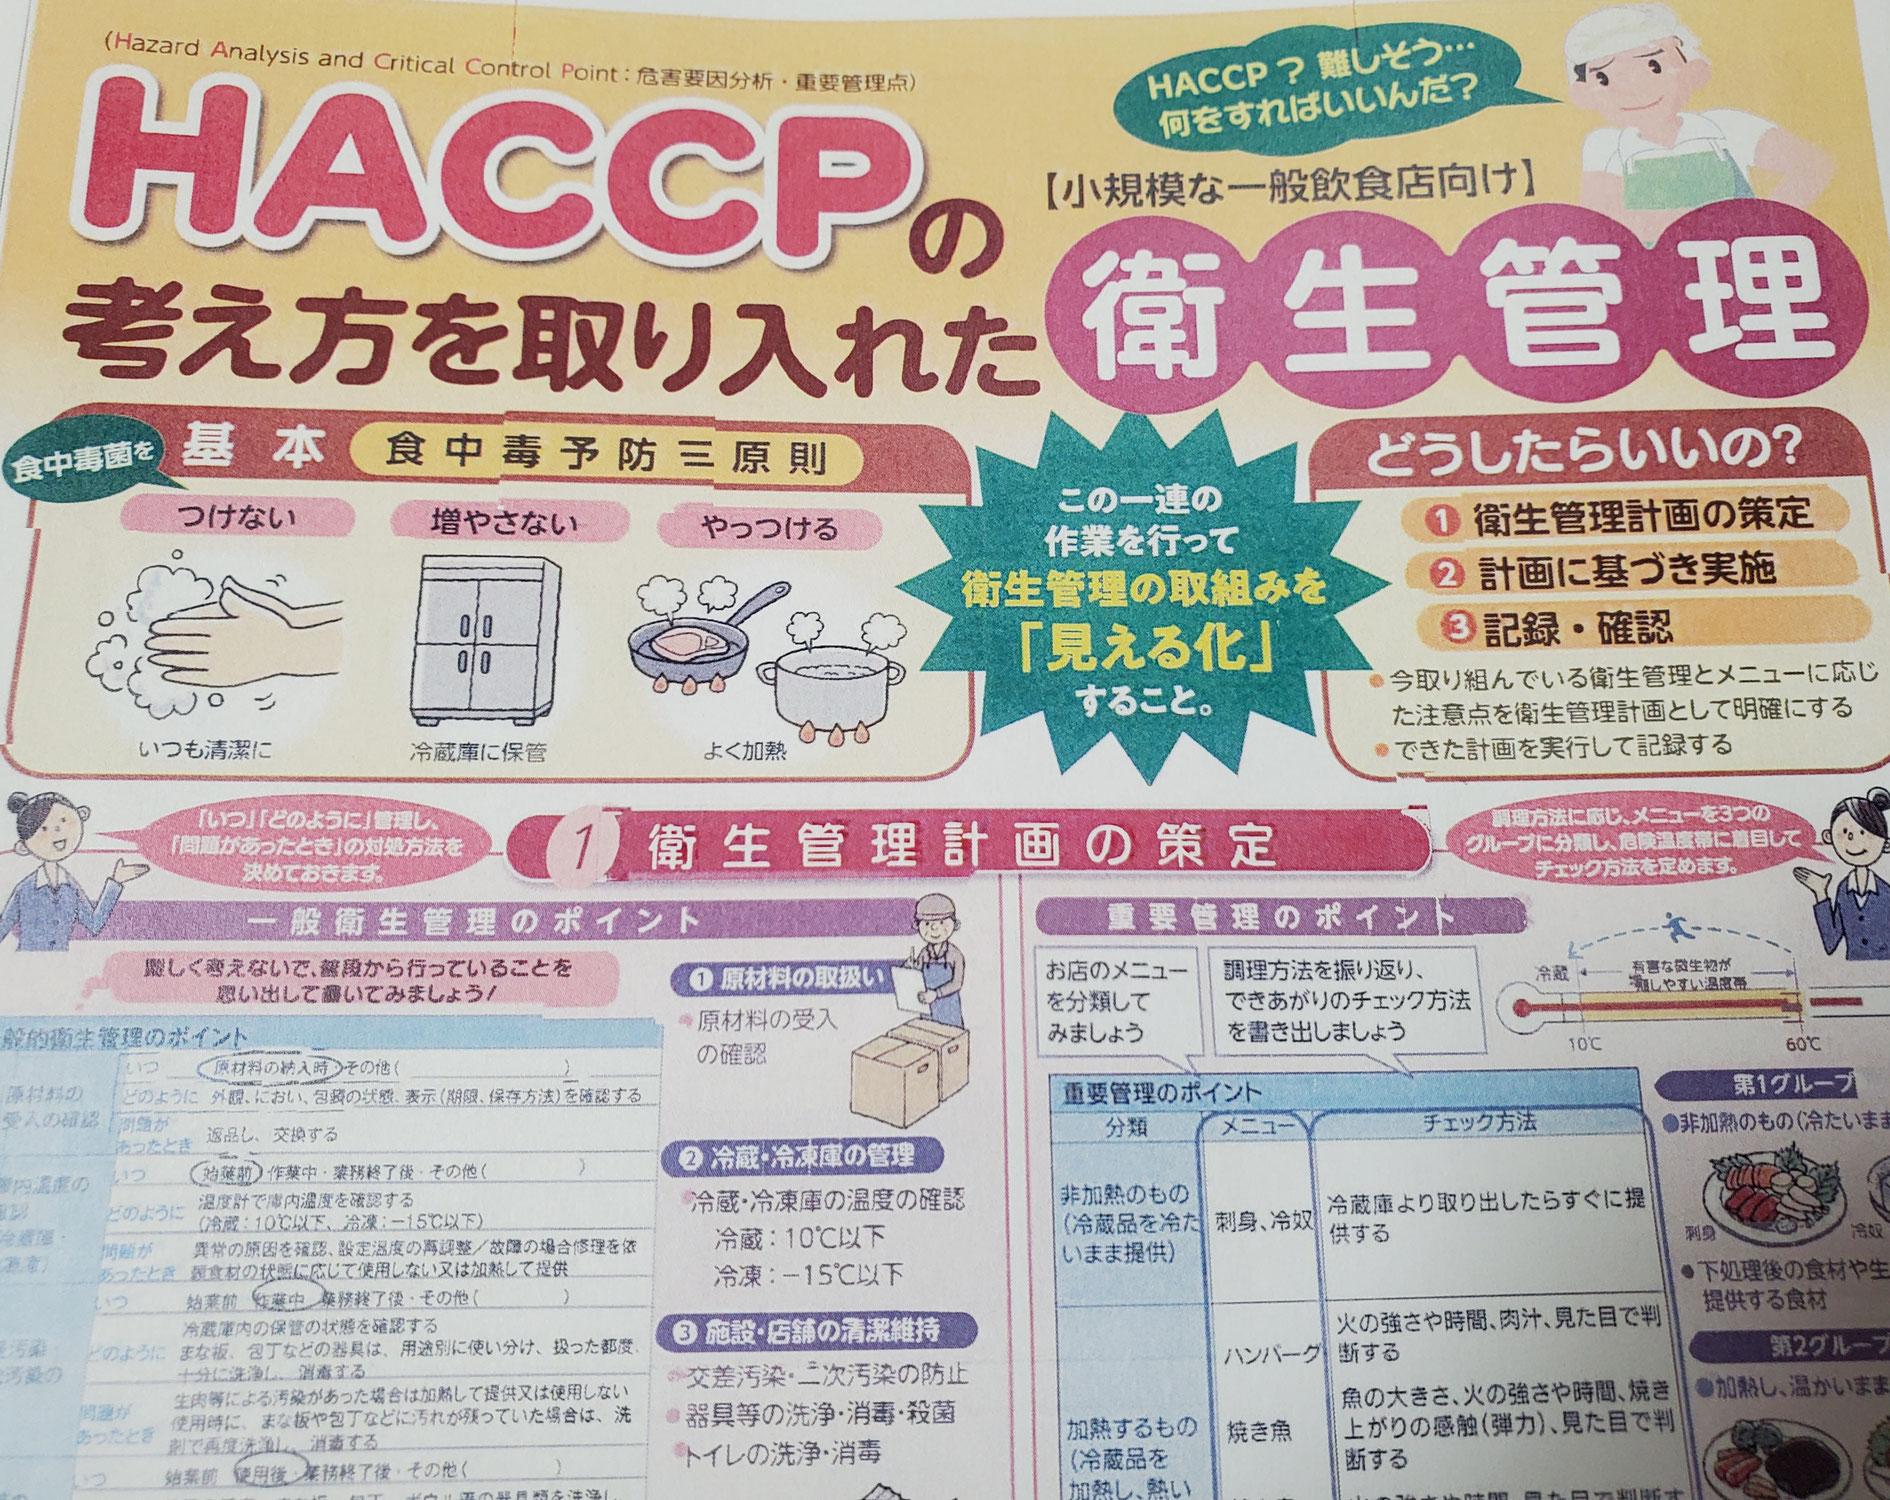 """HACCP(ハサップ)""""の義務化が小規模事業者にも適用"""